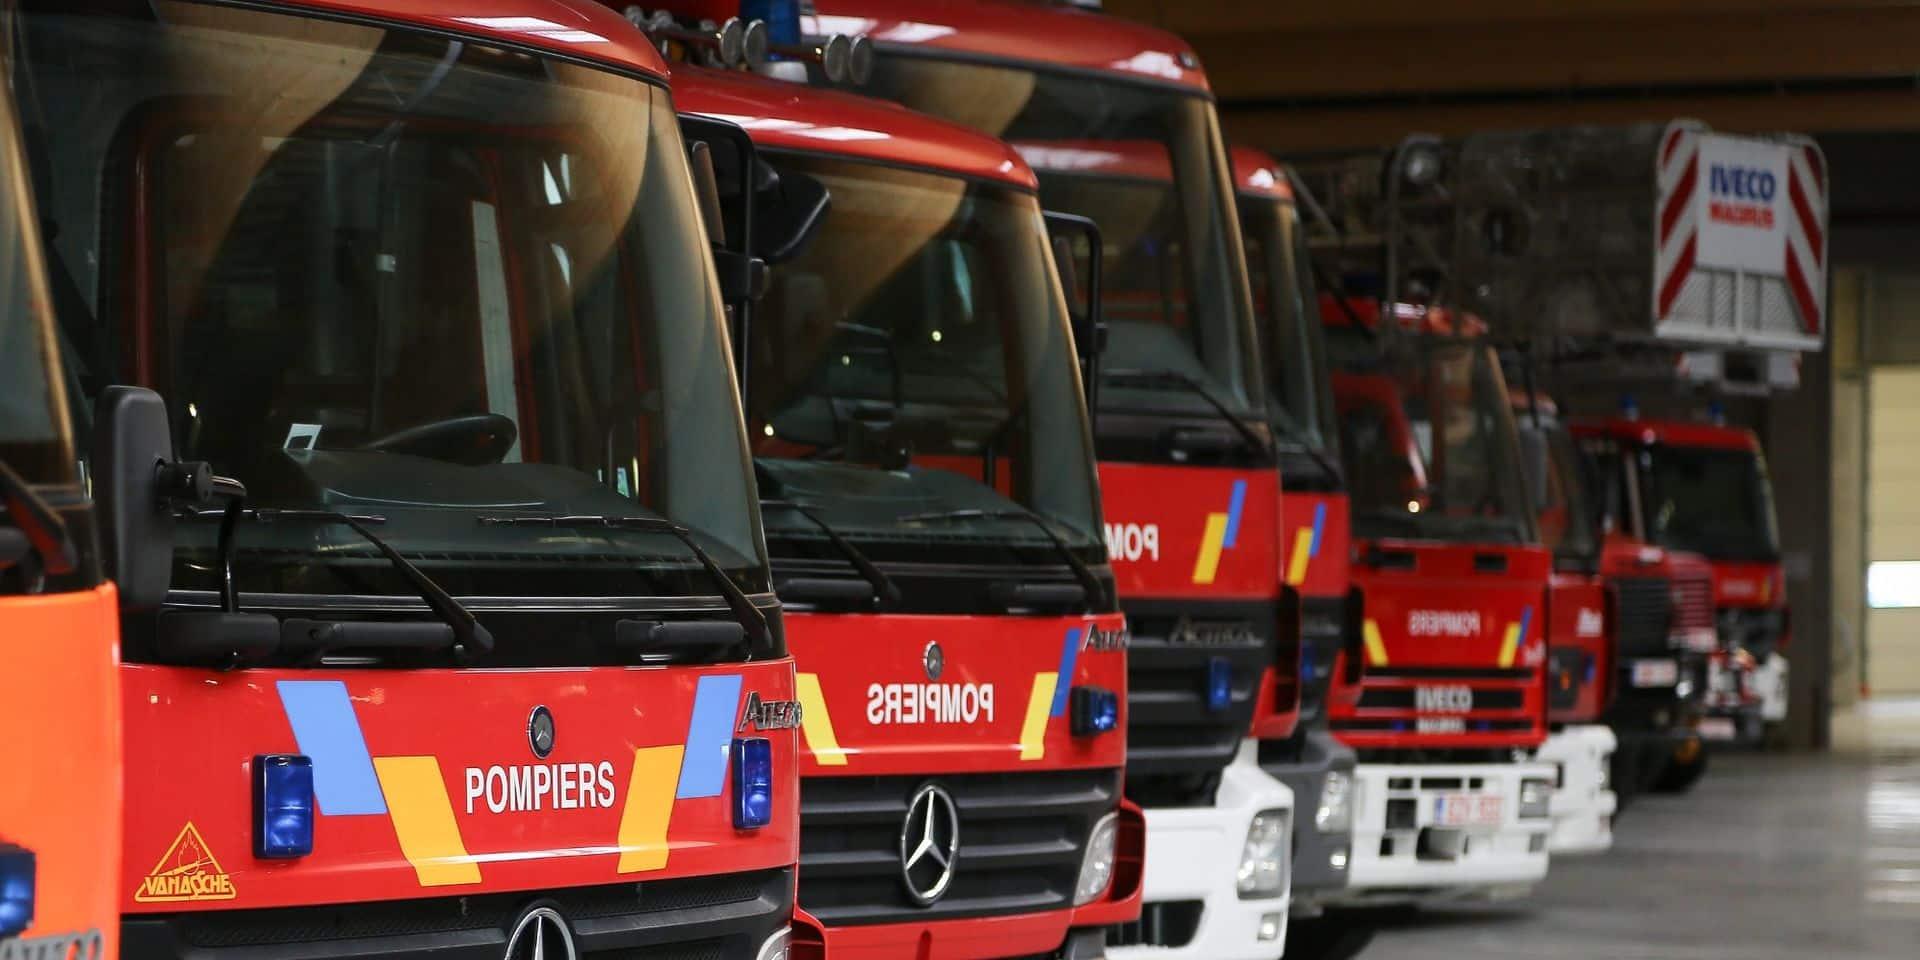 Un incendie suspect s'est déclaré dans un entrepôt à Mouscron